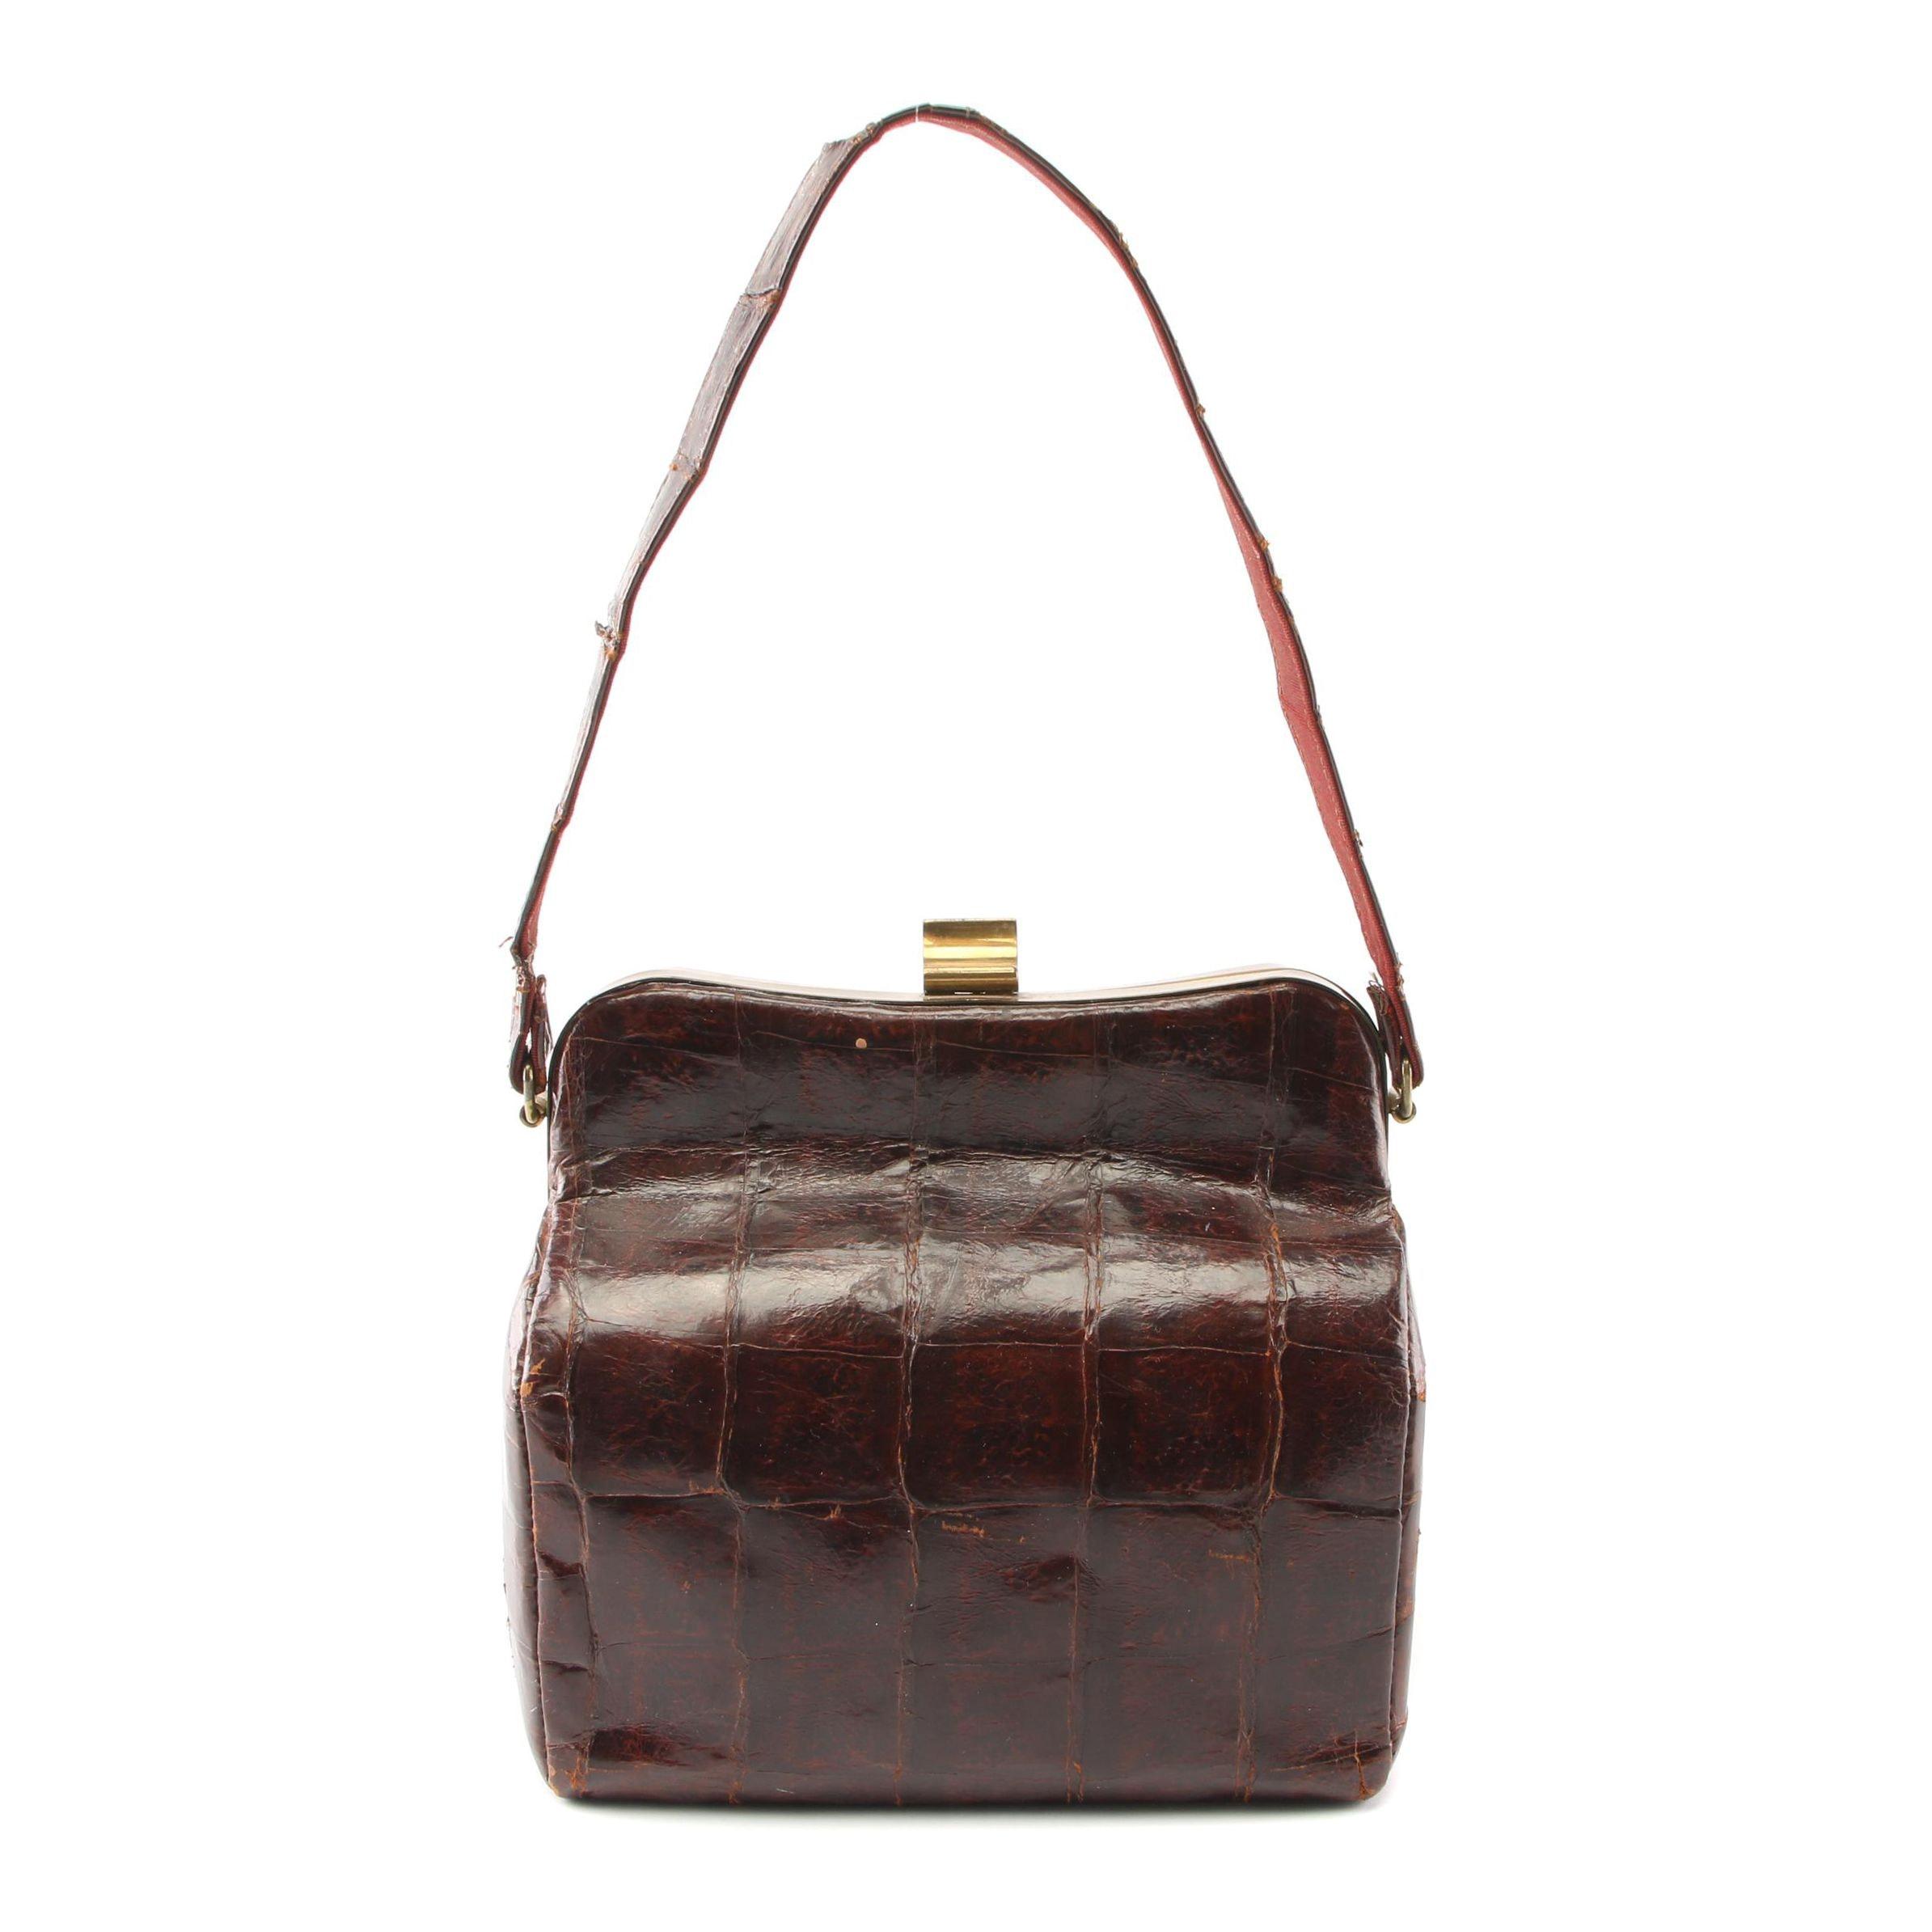 Alligator Leather Frame Bag, 1940s Vintage